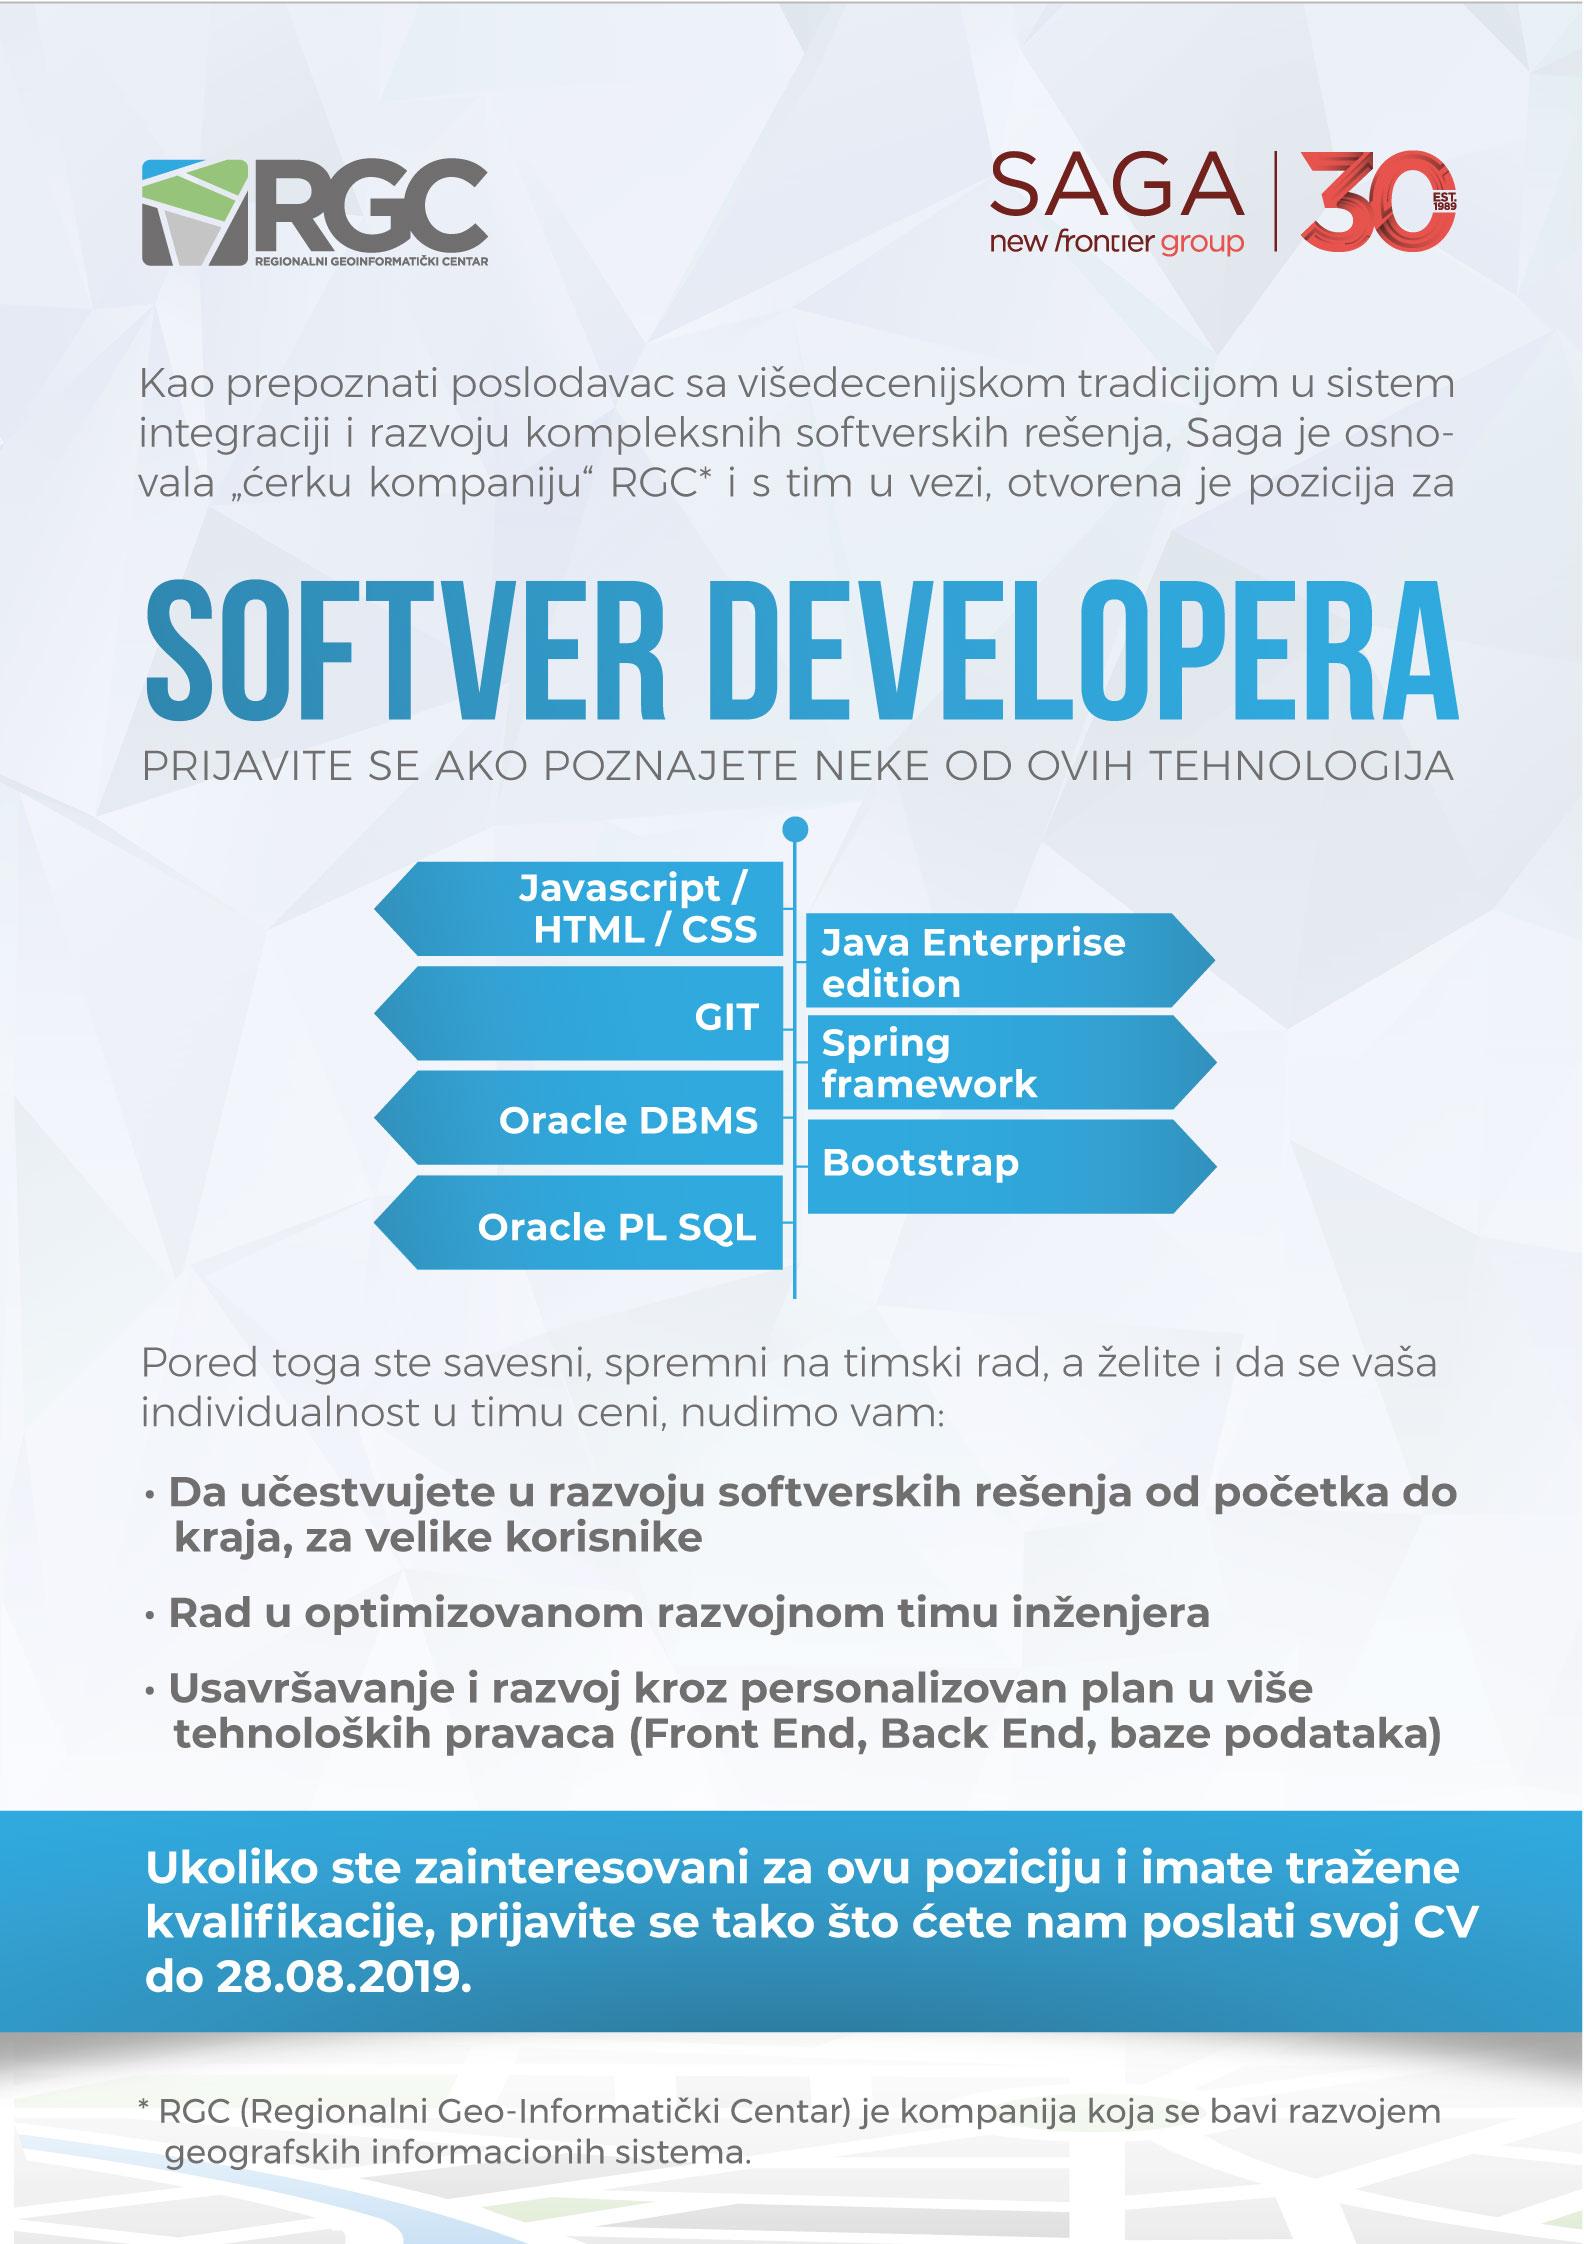 RGC Softver Developer